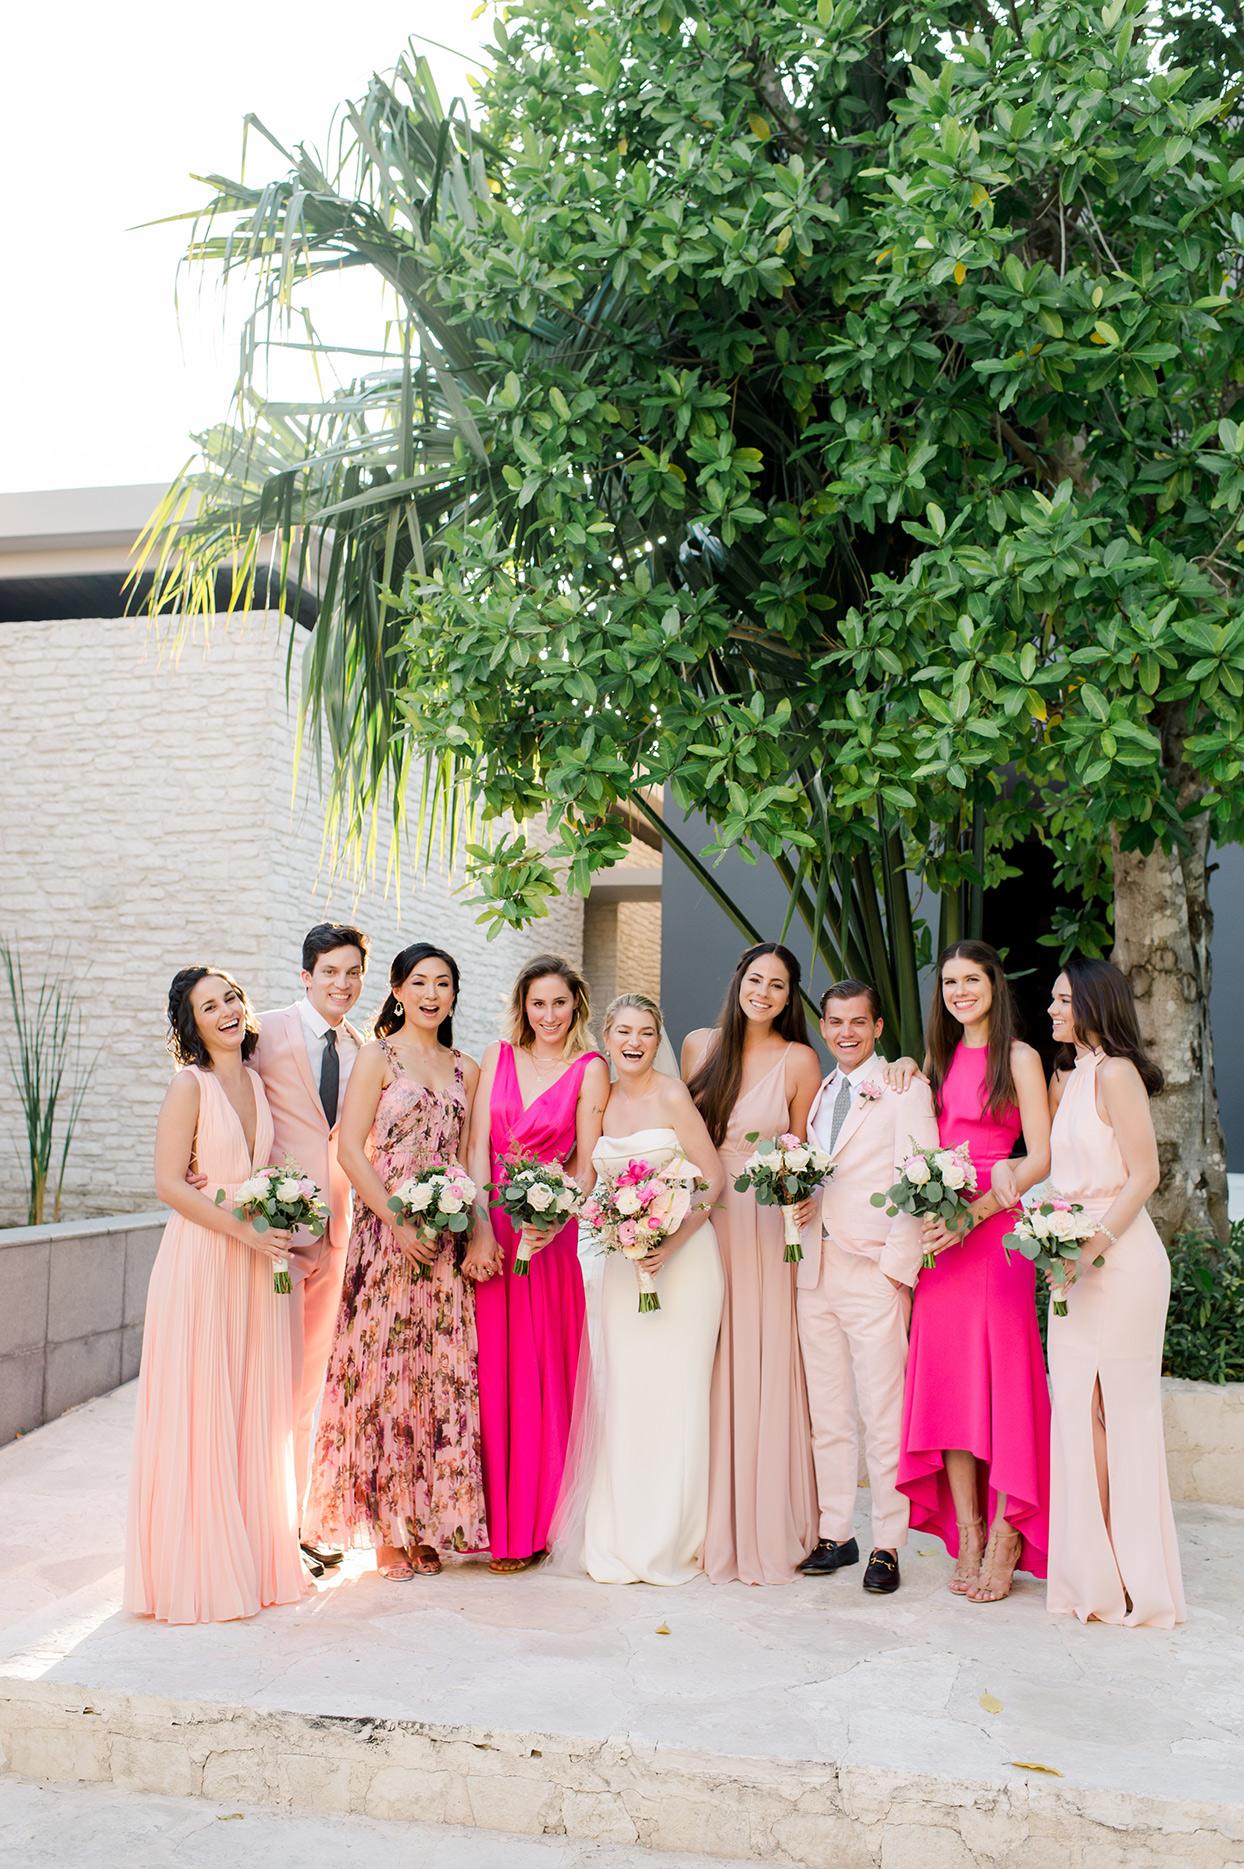 katie nick wedding bridesmaids in pink